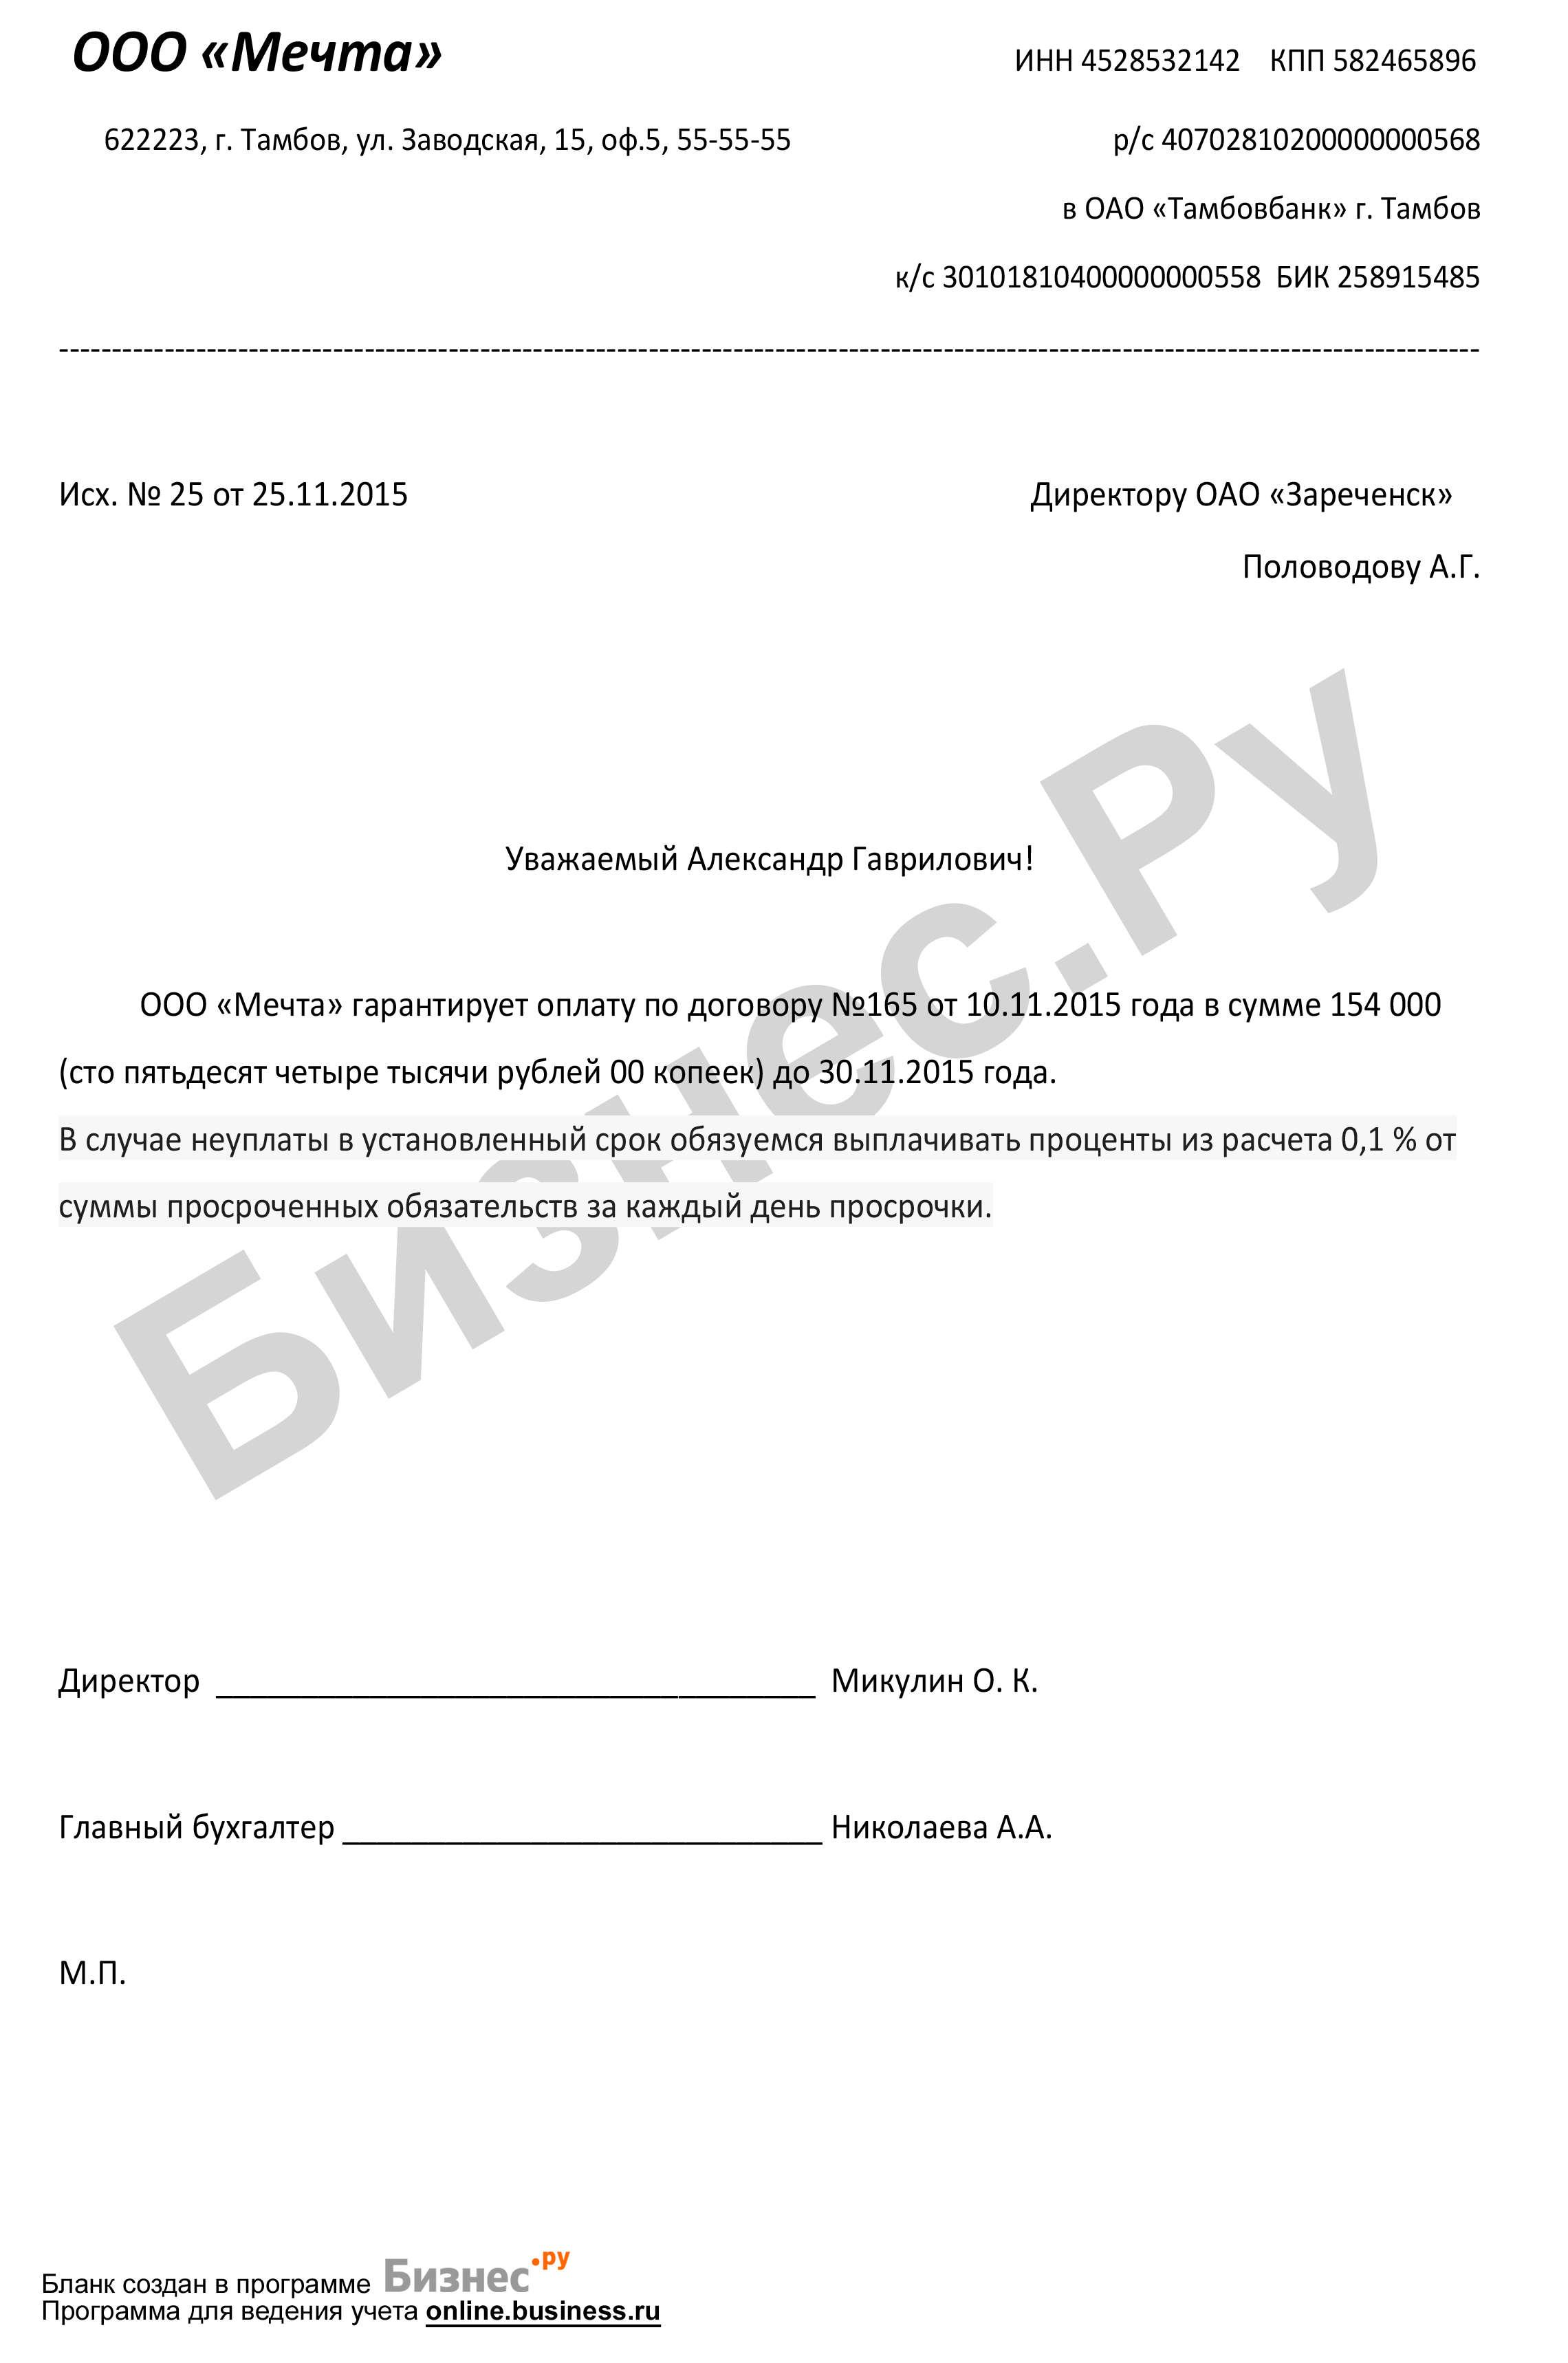 Бланки гарантийного письма